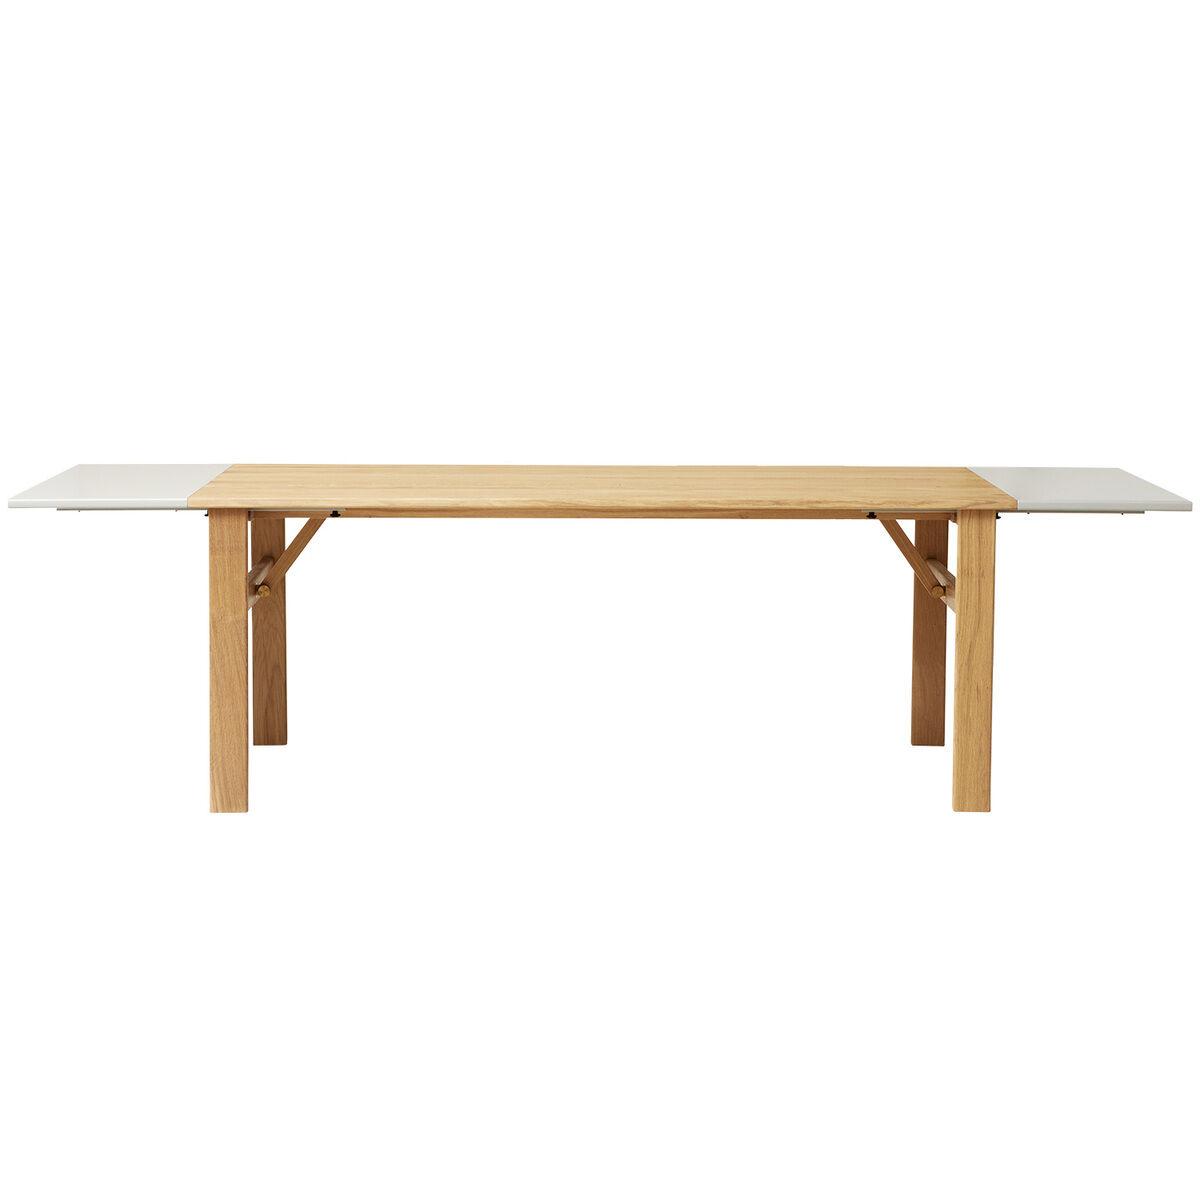 Form & Refine Damsbo dining table extension plates, 2 pcs, matt grey